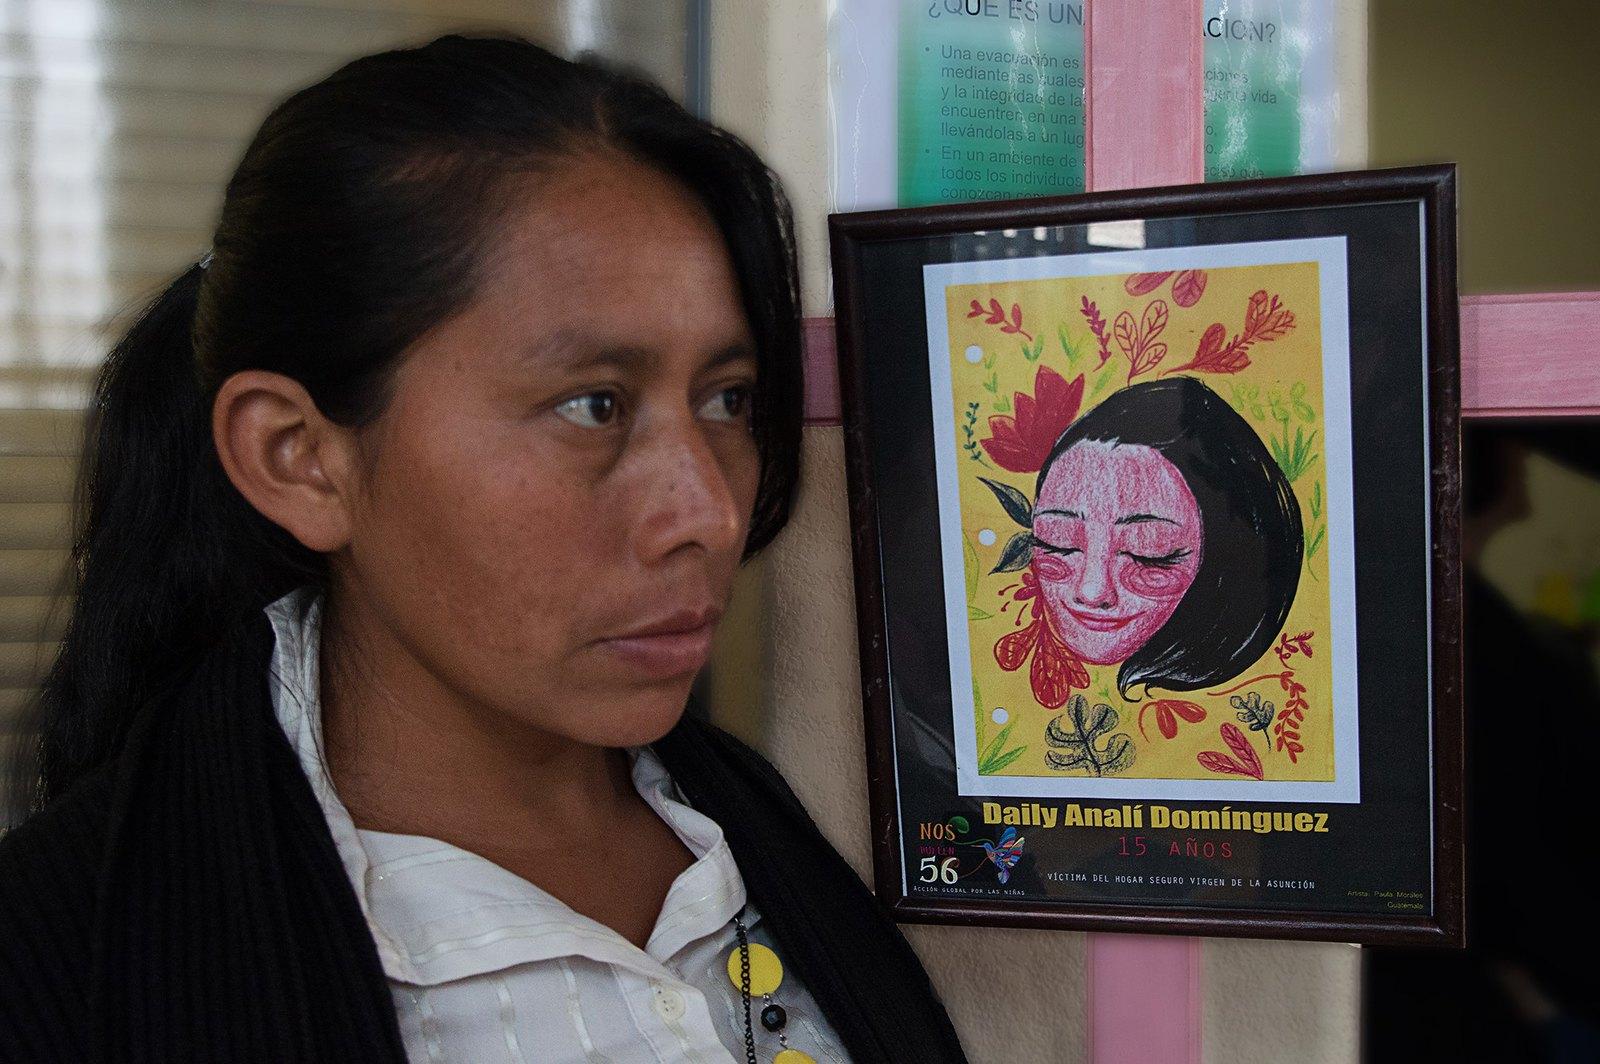 Anastacia Martínez es madre de Daily Analí Domínguez de 15 años.